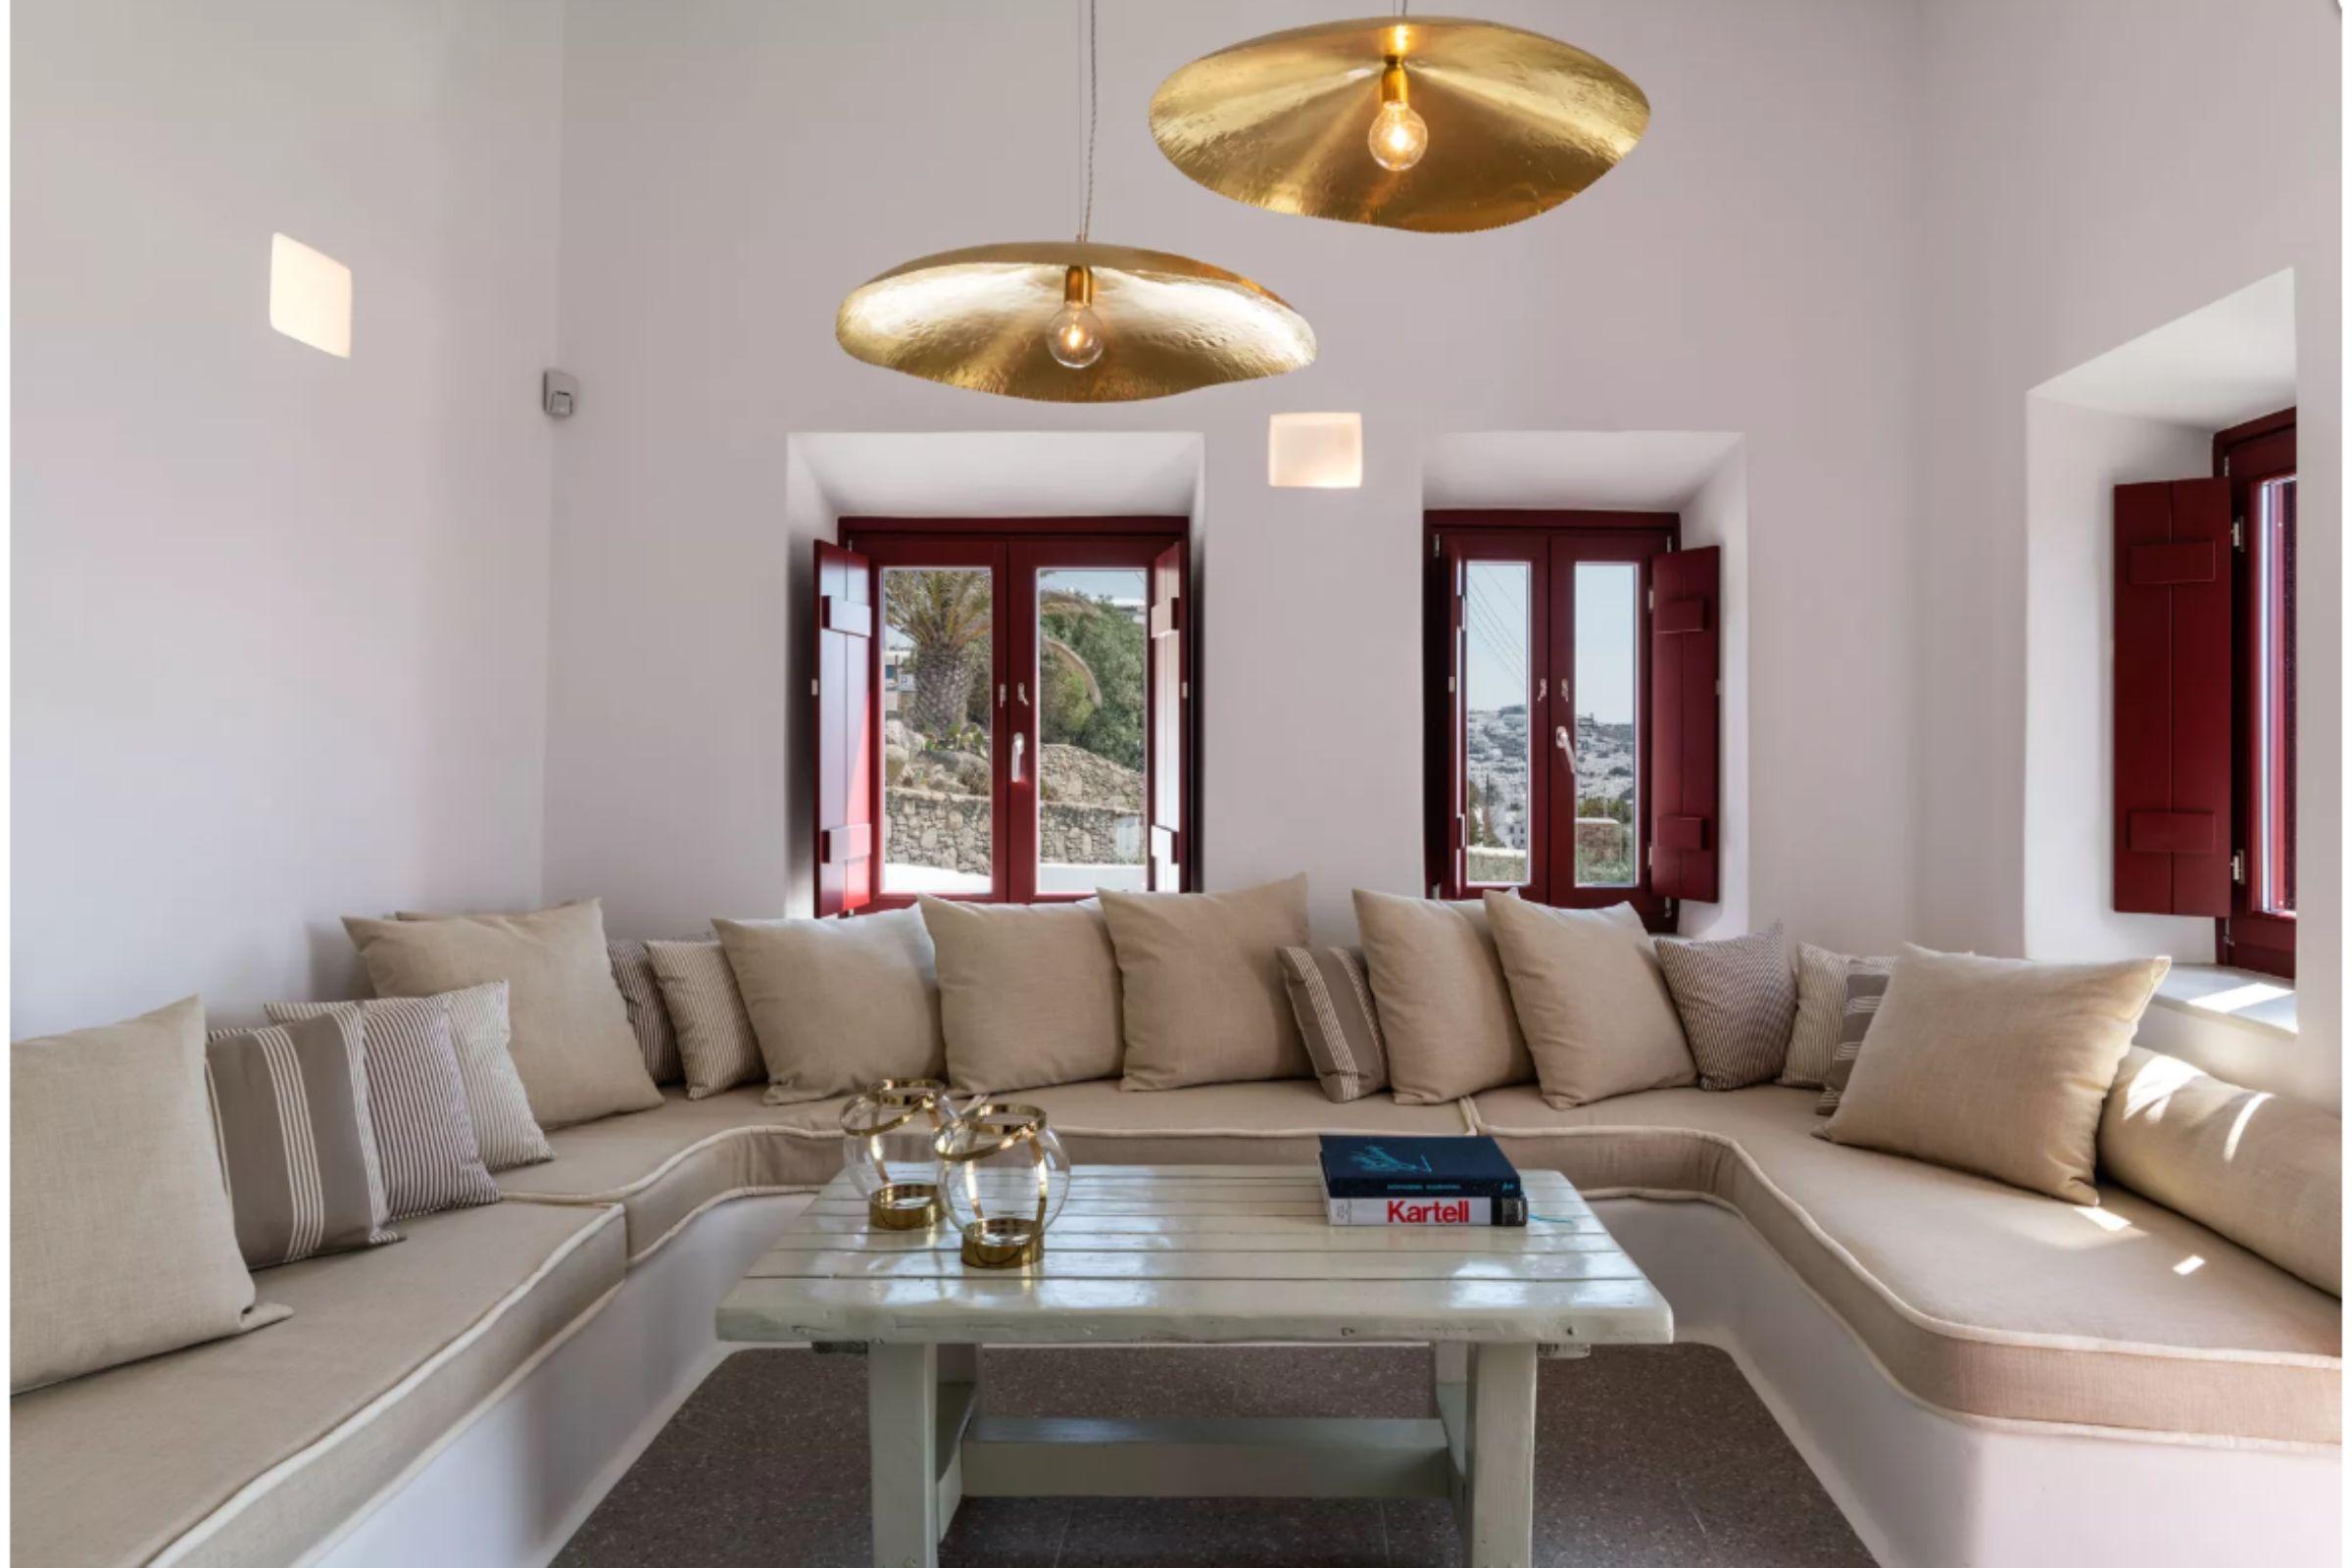 villas mykonos 3 bedrooms